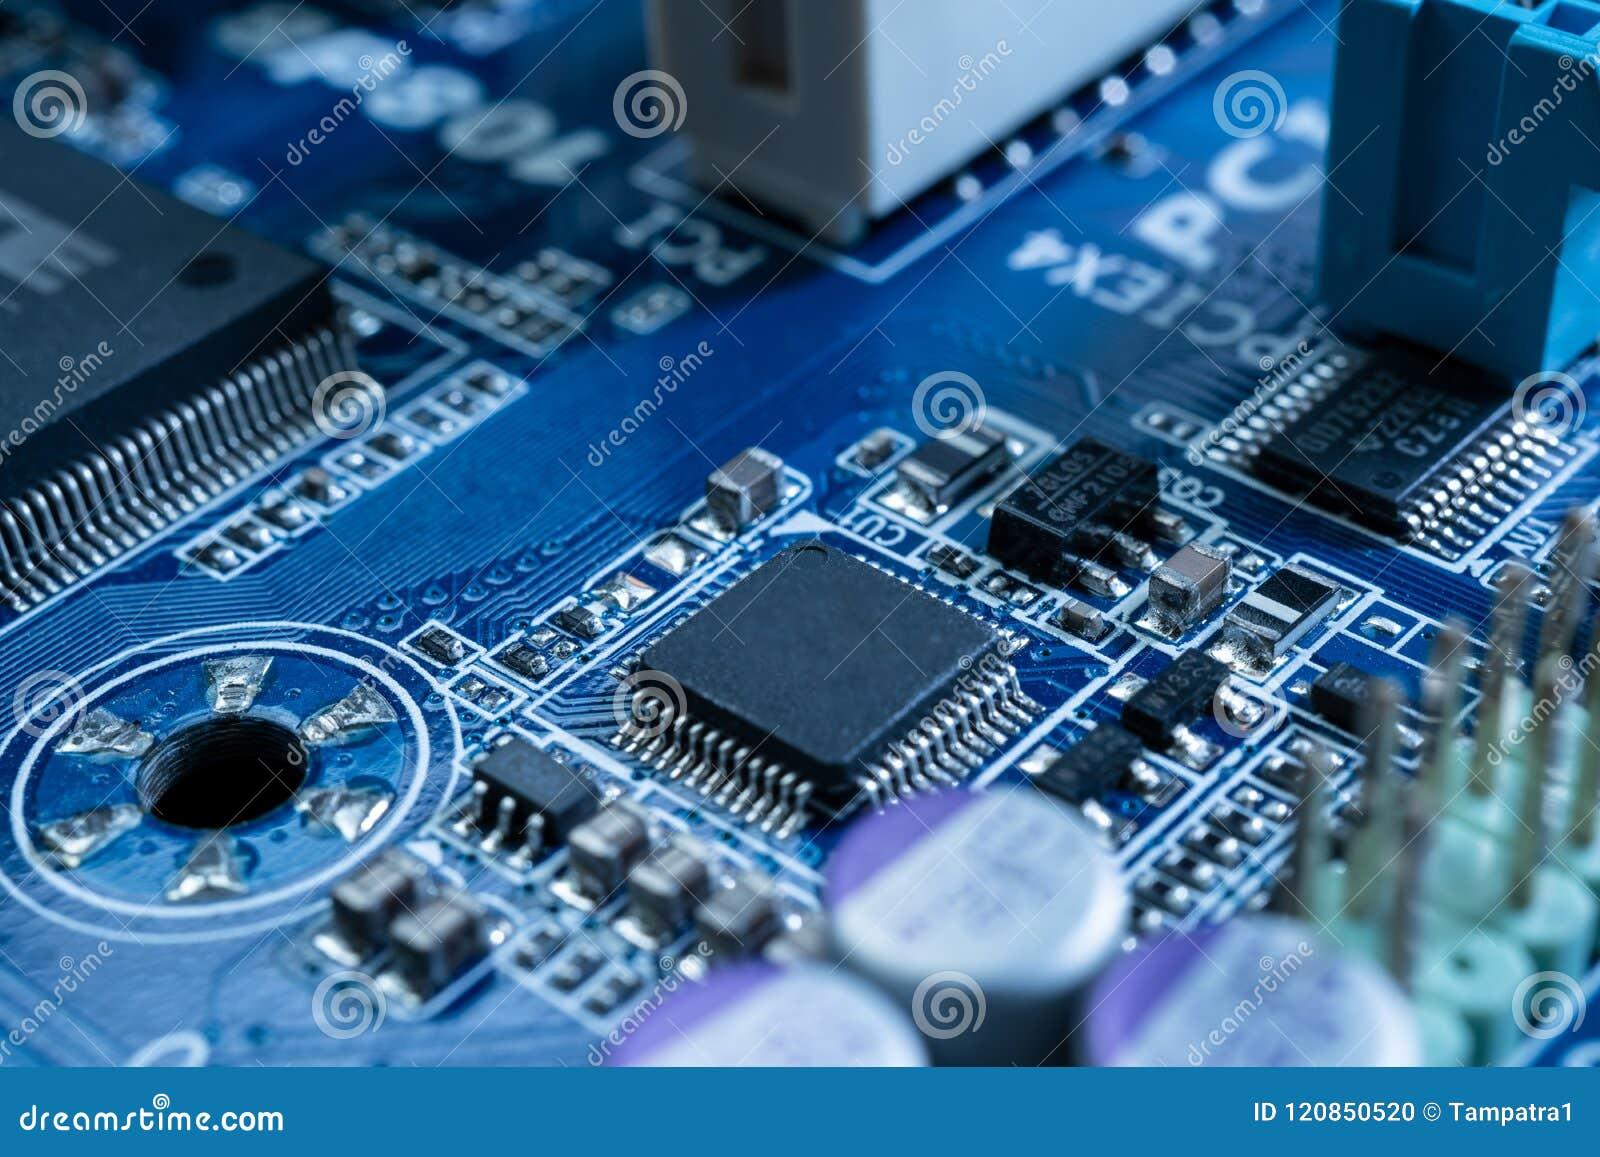 Ηλεκτρονικά κυκλώματα στη φουτουριστική έννοια τεχνολογίας